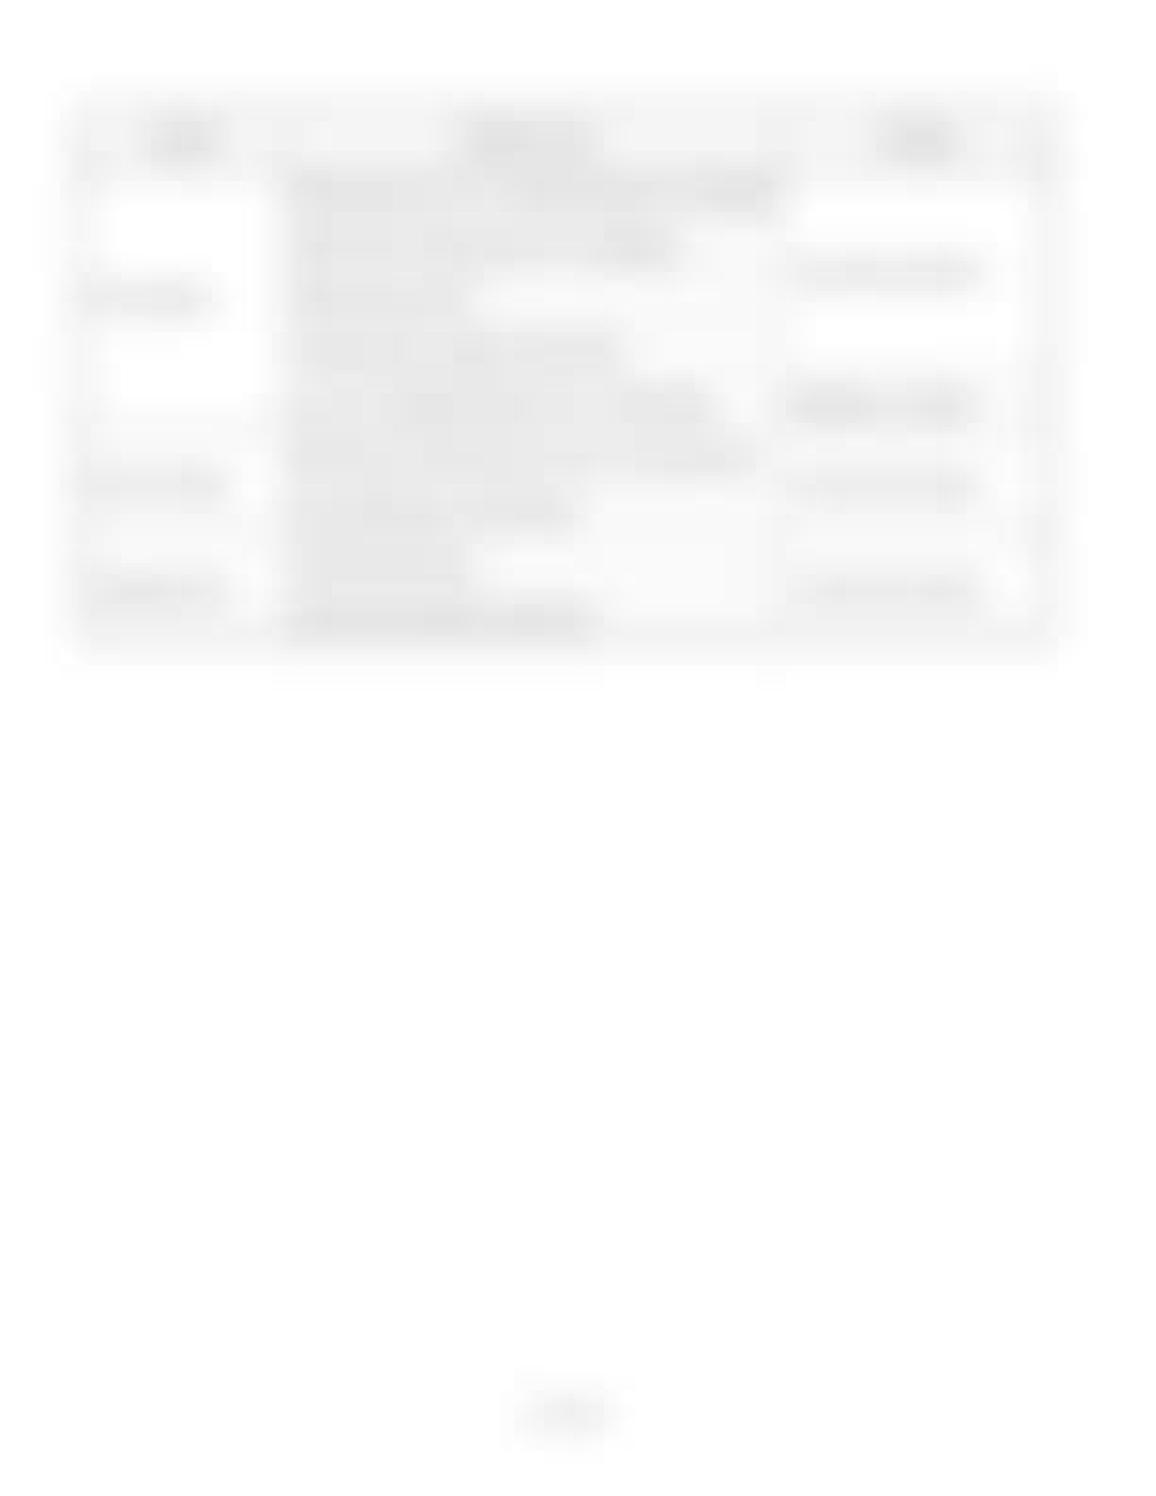 Hitachi LX110-7 LX130-7 LX160-7 LX190-7 LX230-7 Wheel Loader Workshop Manual - PDF DOWNLOAD page 184